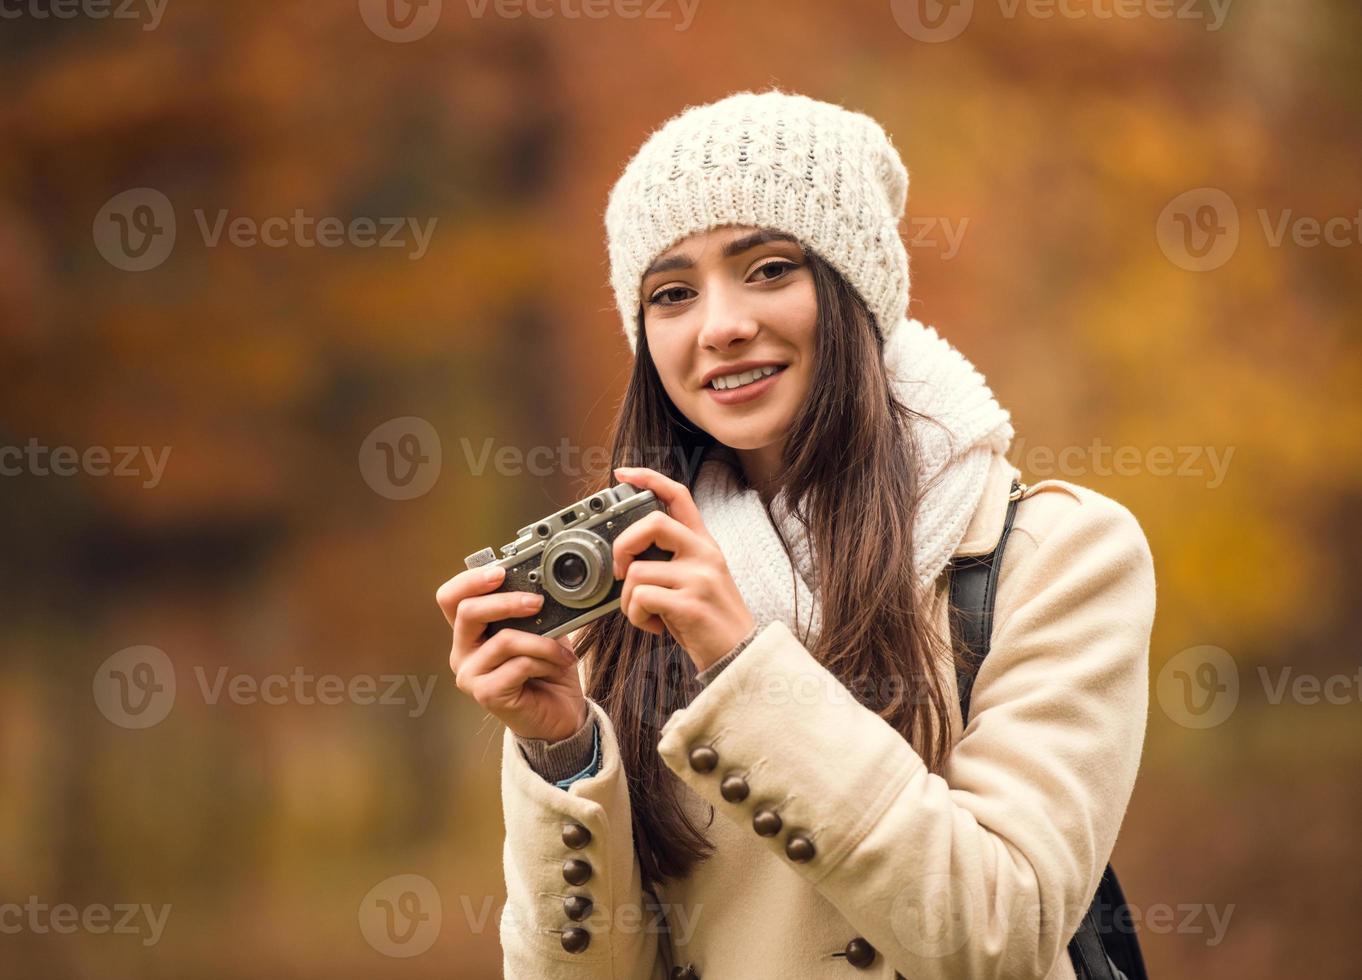 caminhar no parque de outono foto